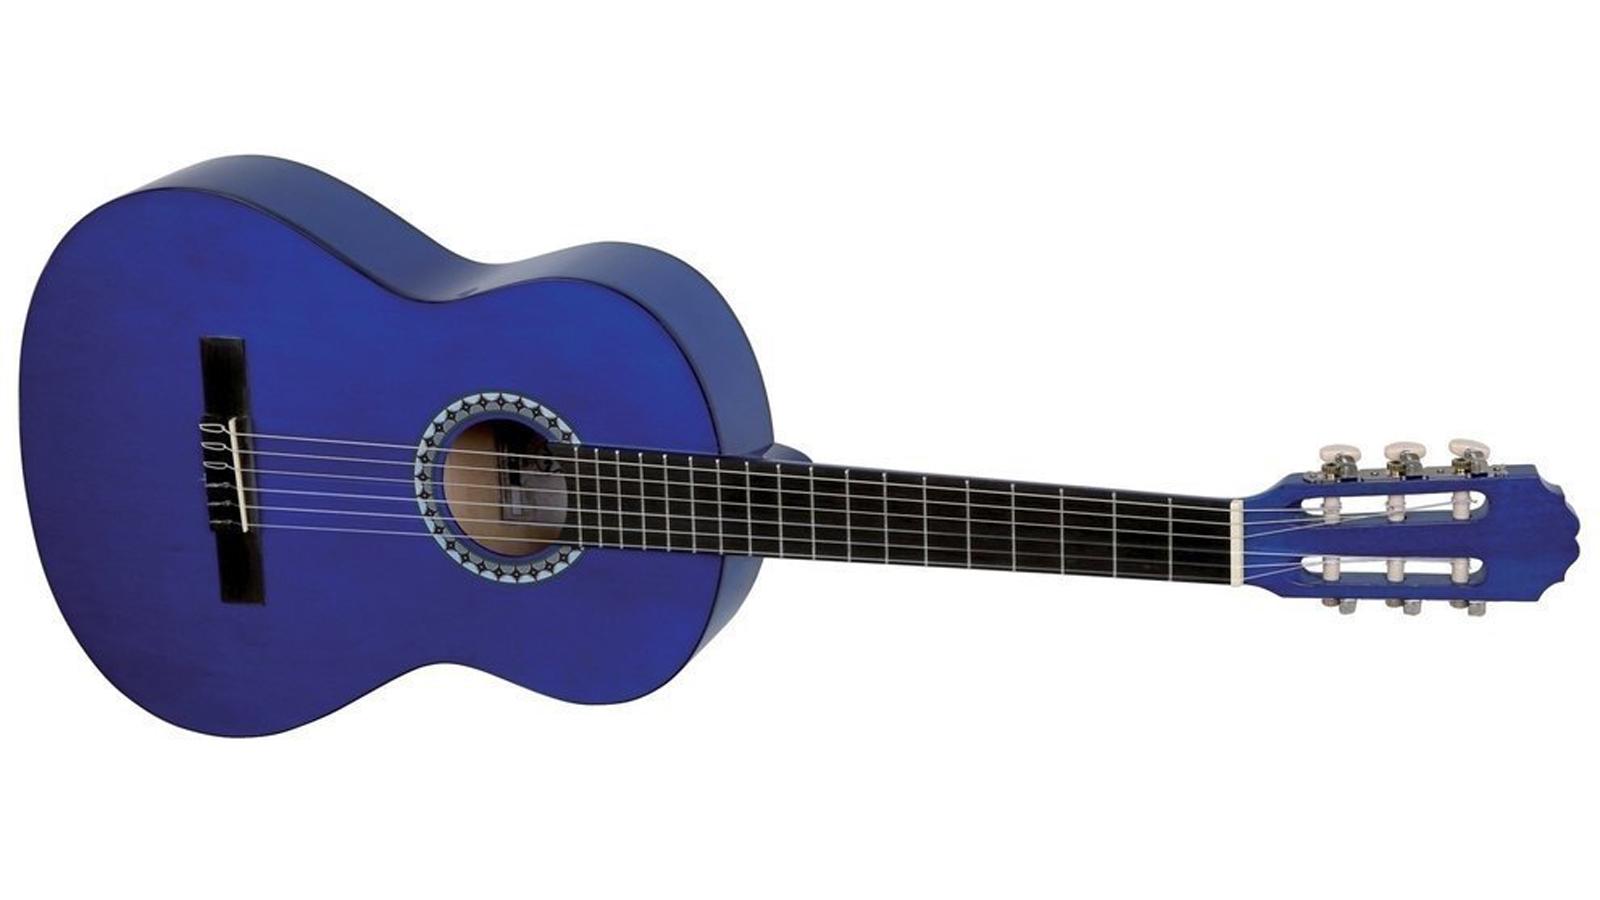 VGS Konzertgitarre 3/4 Blau Basic